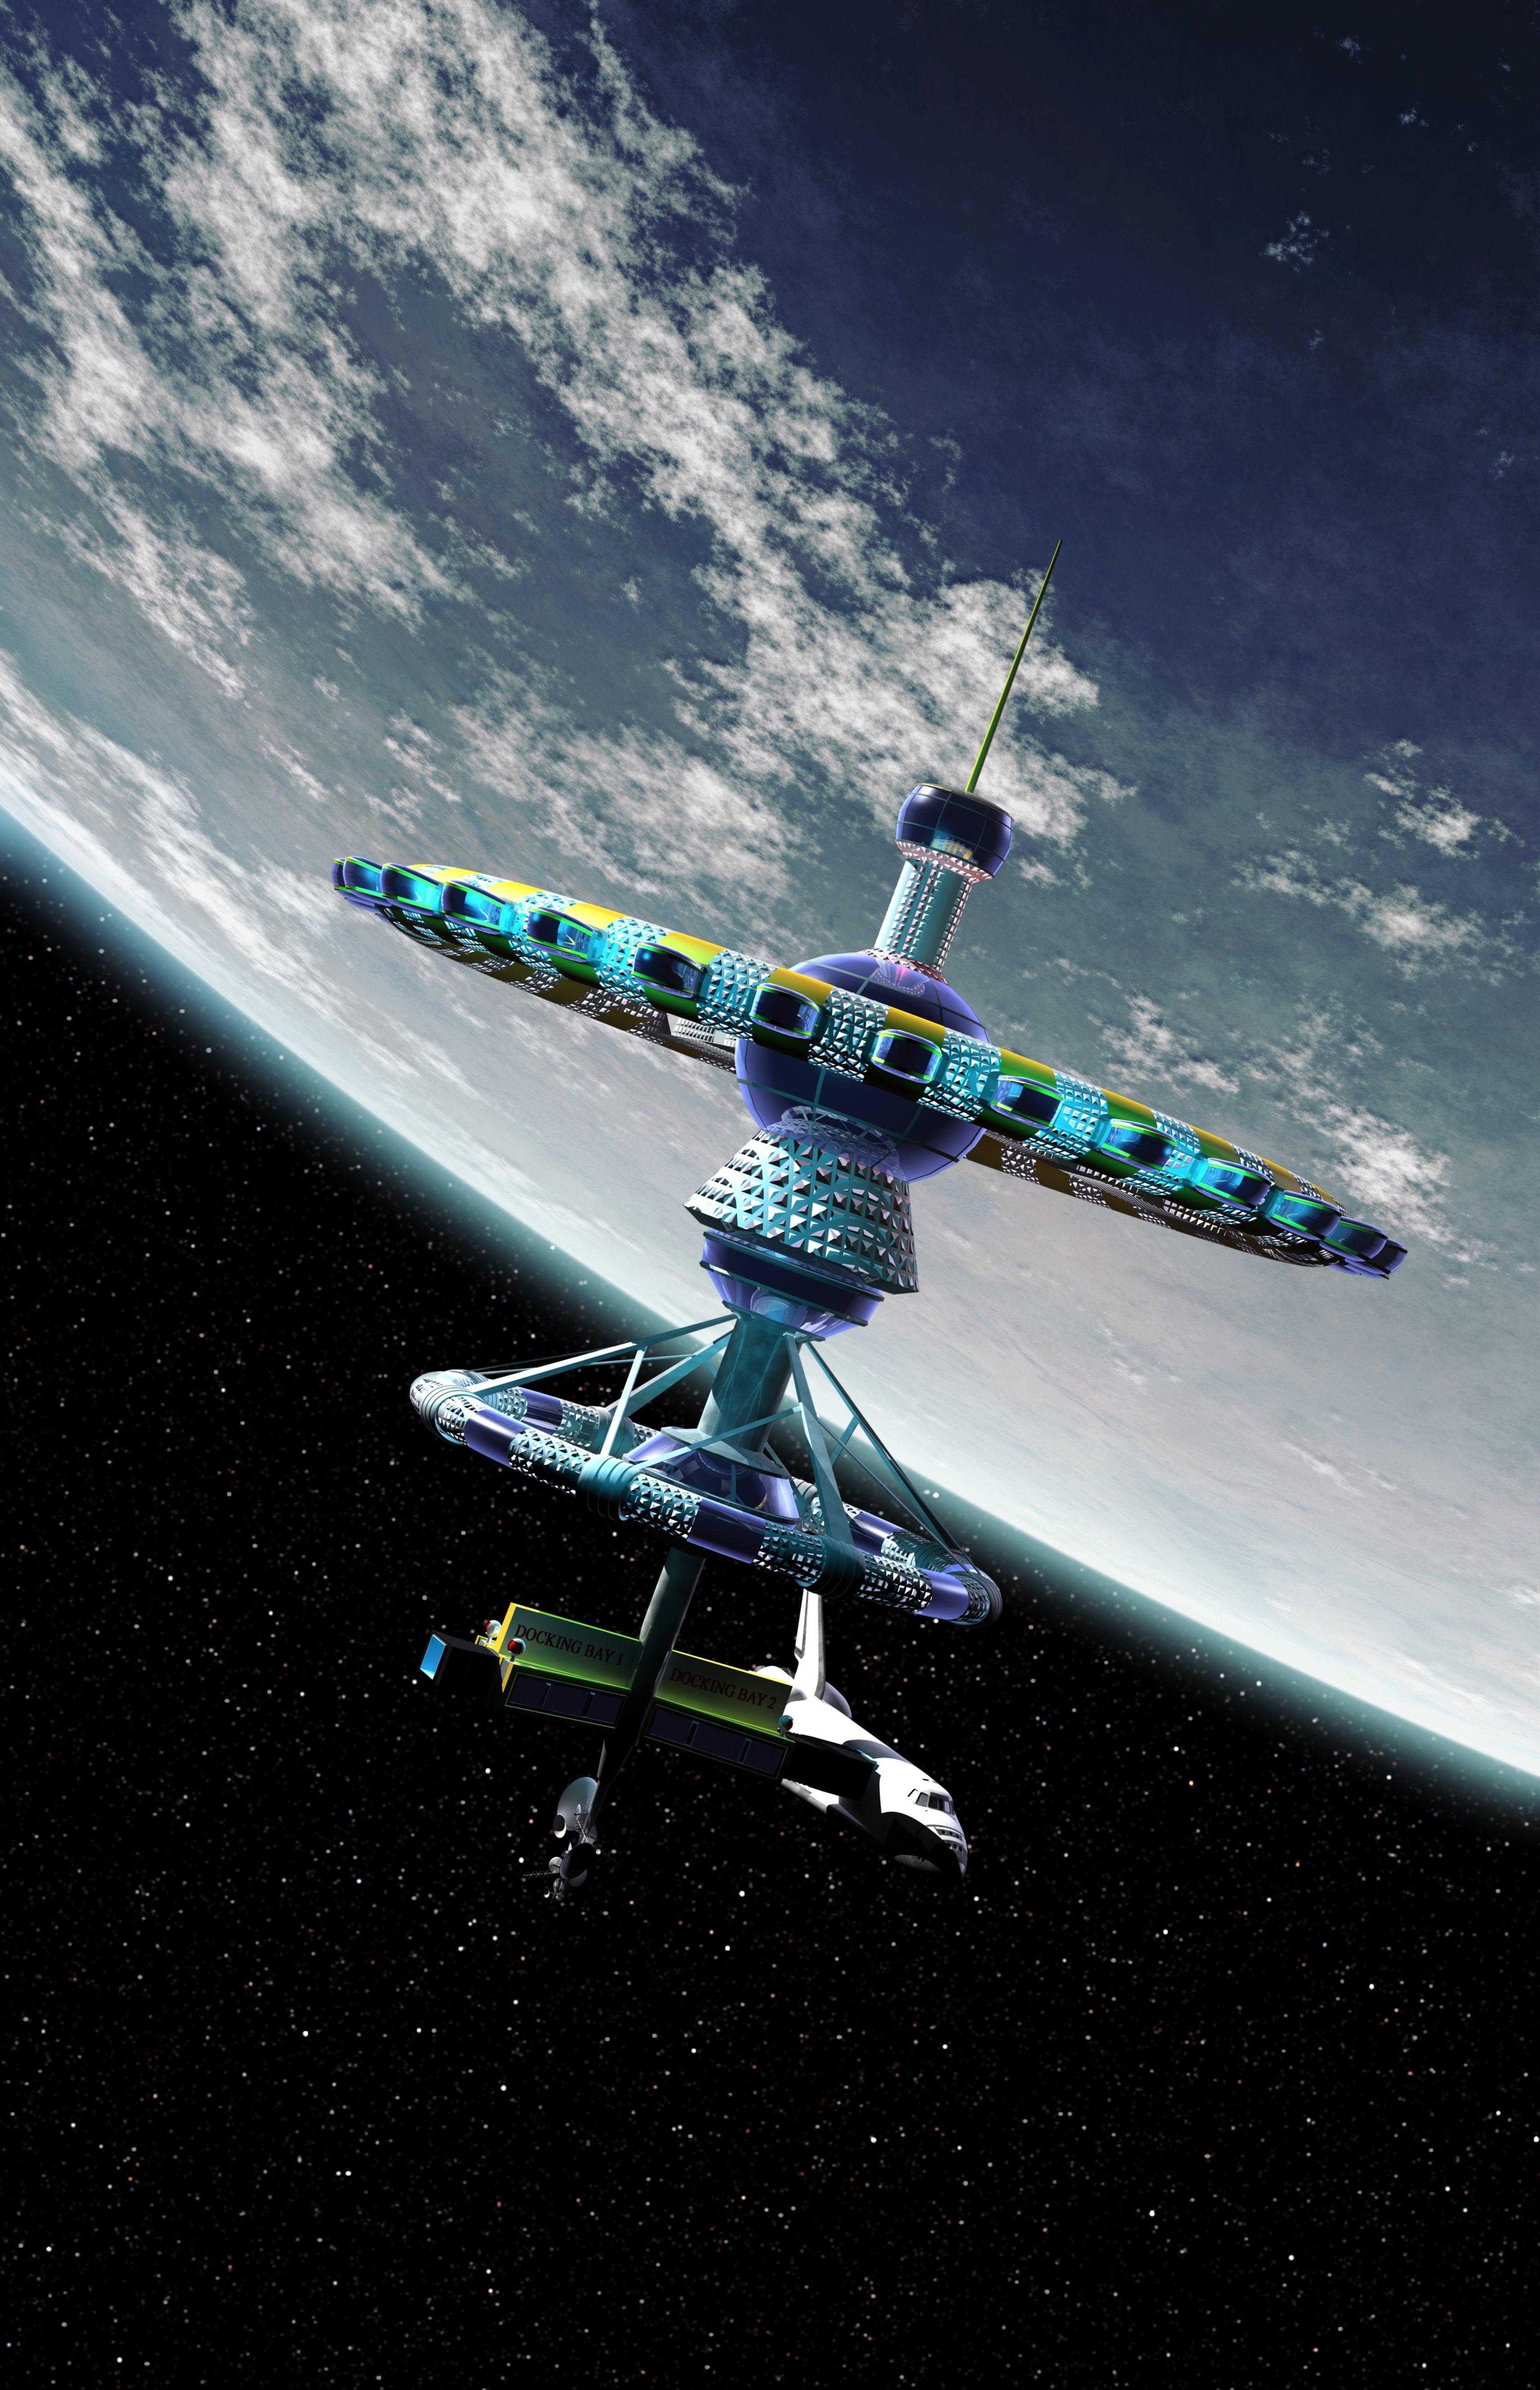 Компьютерная модель космического отеля наземной орбите.